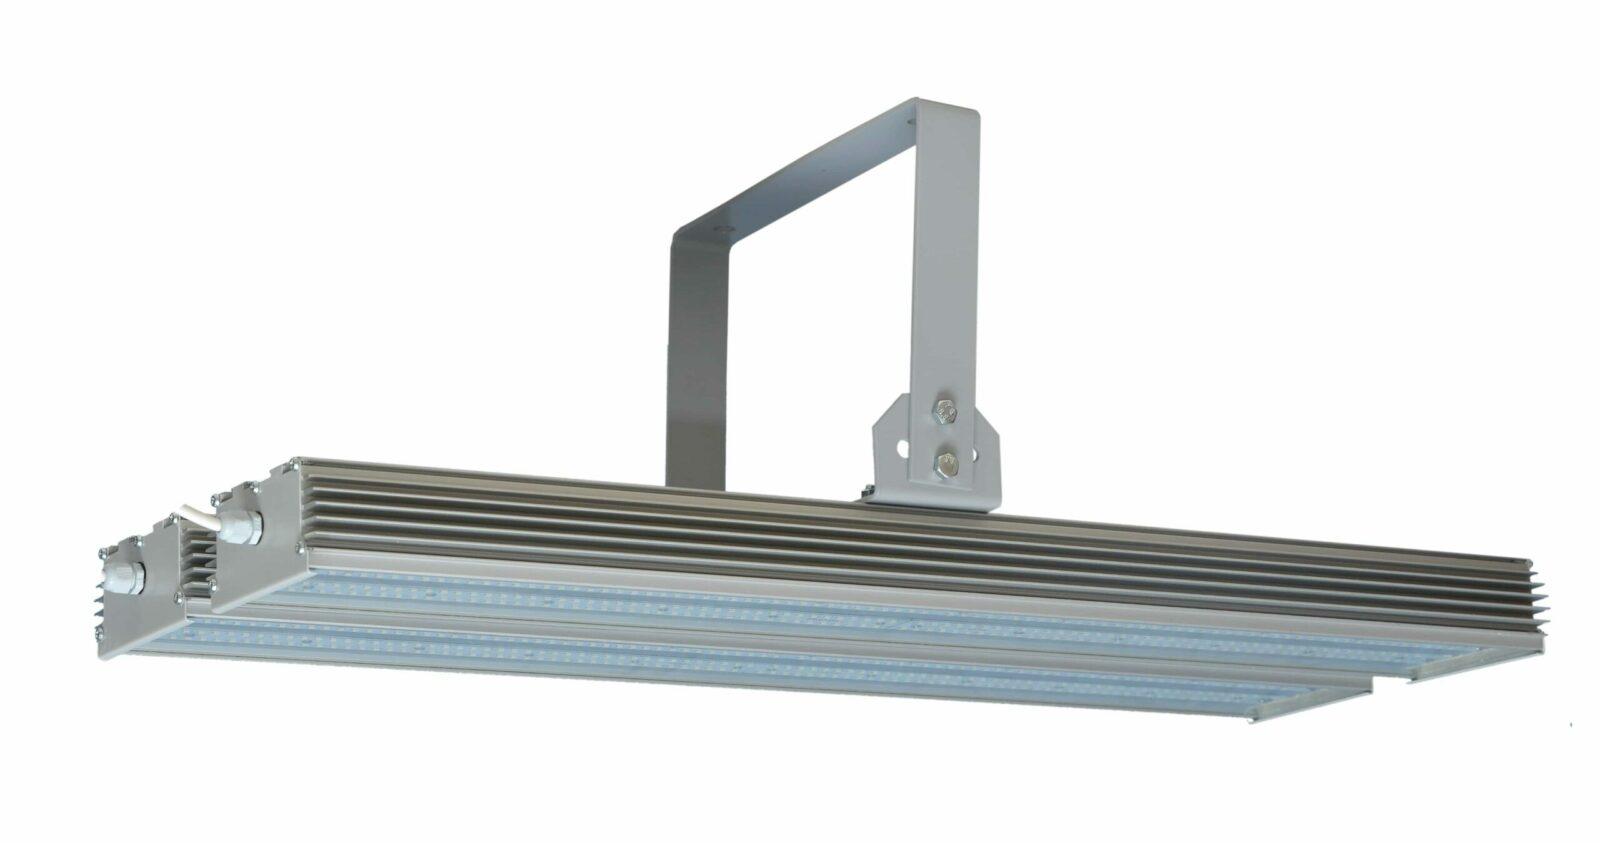 Уличный светодиодный светильник PLO 05-010-5-480 Вт (2х240) Лира